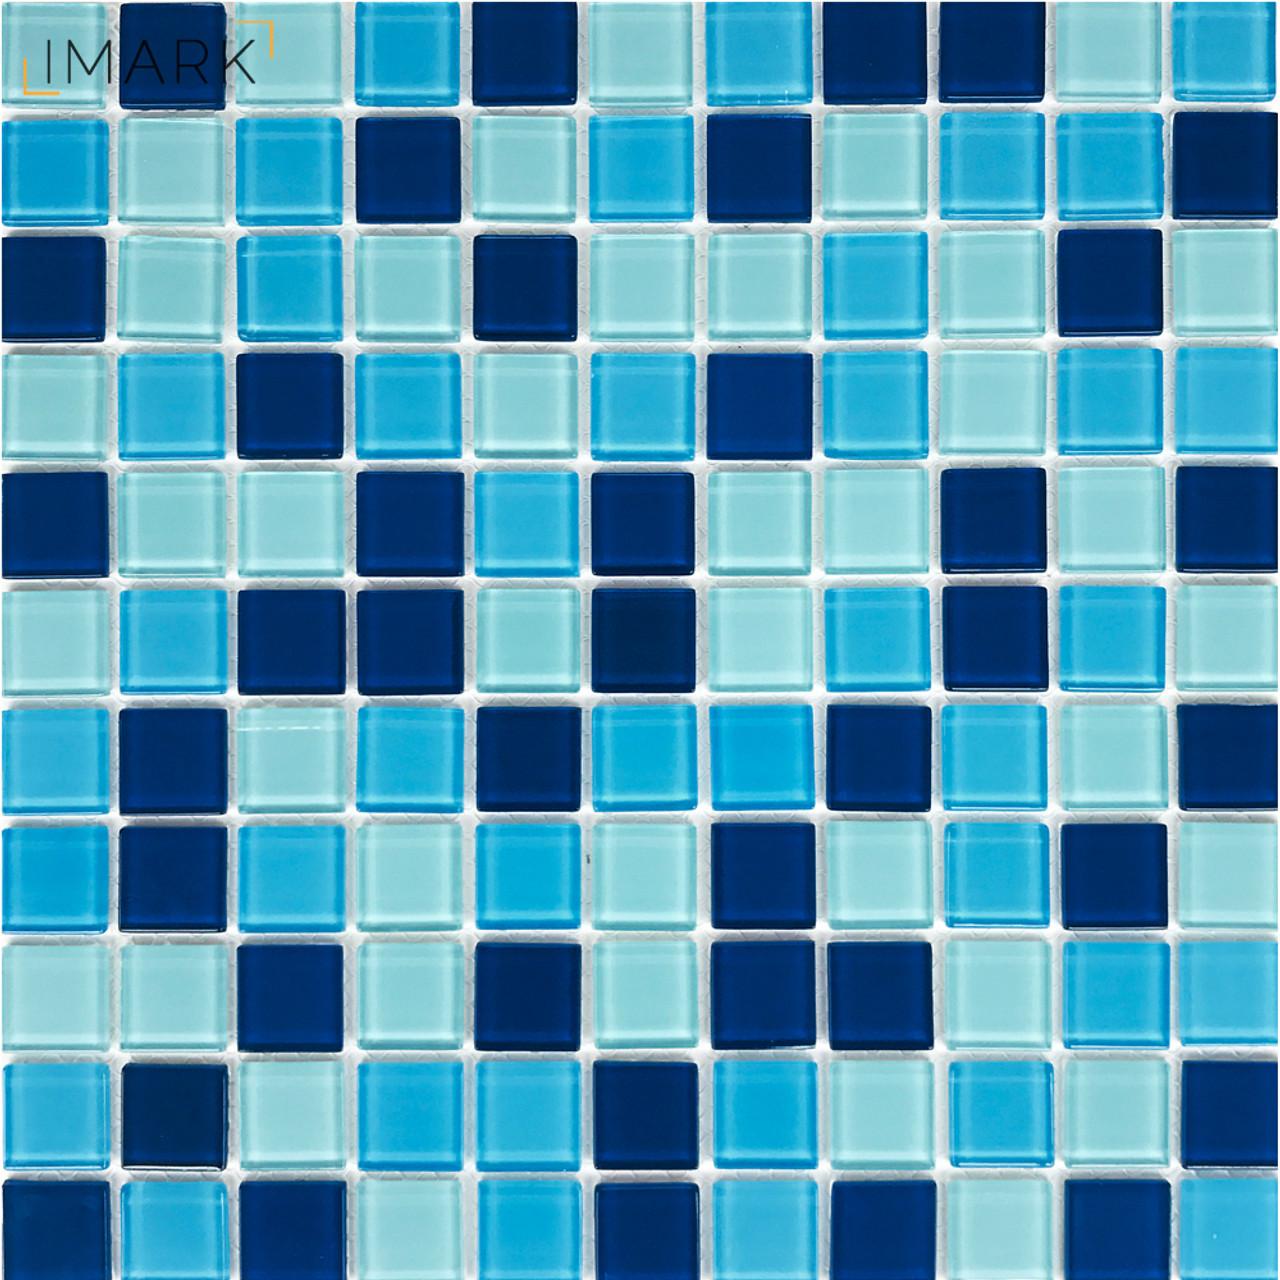 Image of: Cobalt Blue Mix White Crystal Glass Mosaic Tile Stikers For Kitchen Backsplash